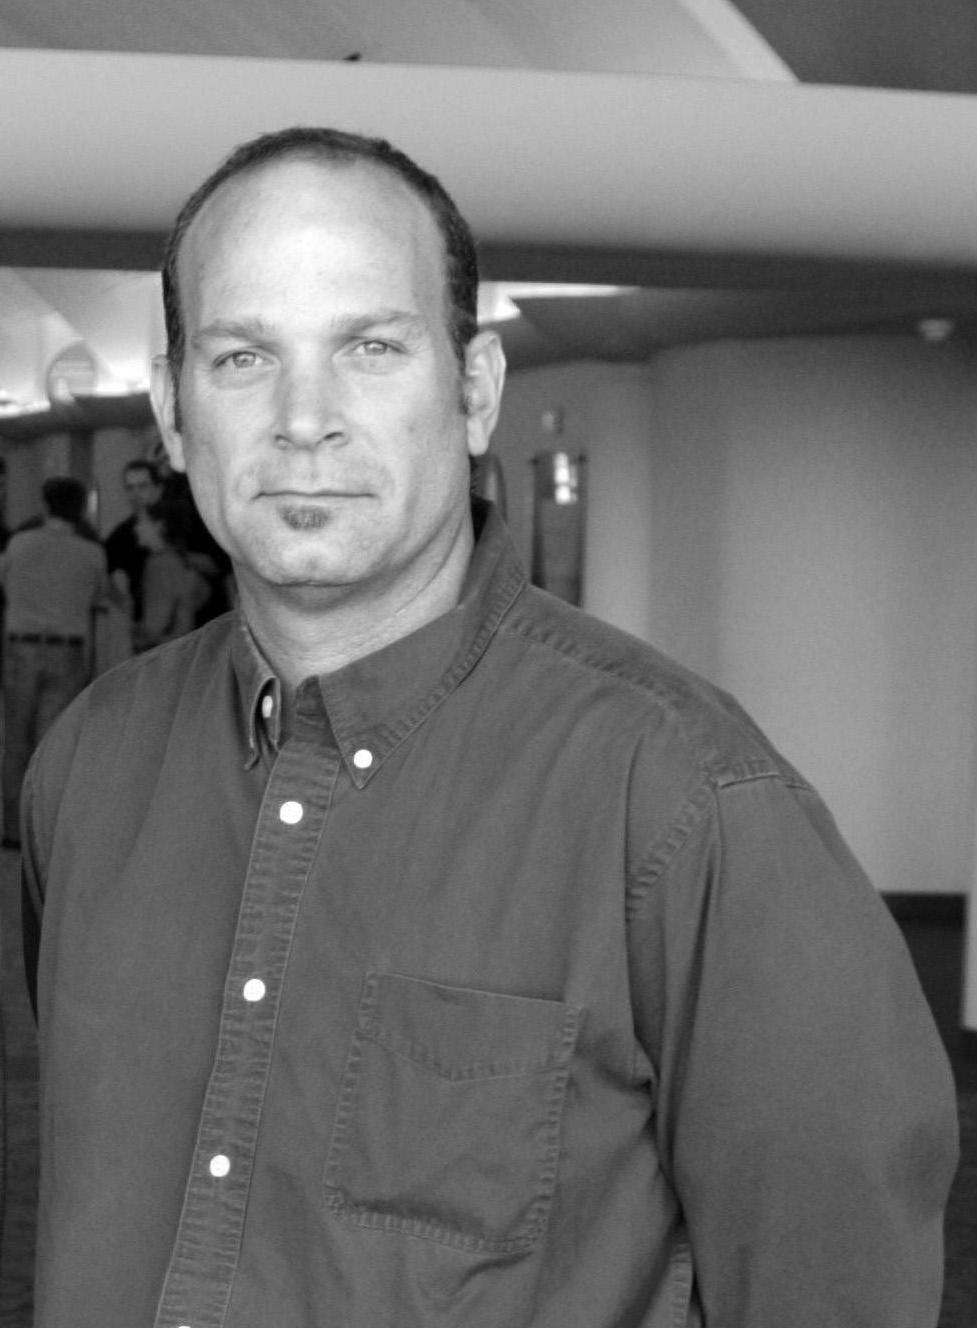 David C. Fulton